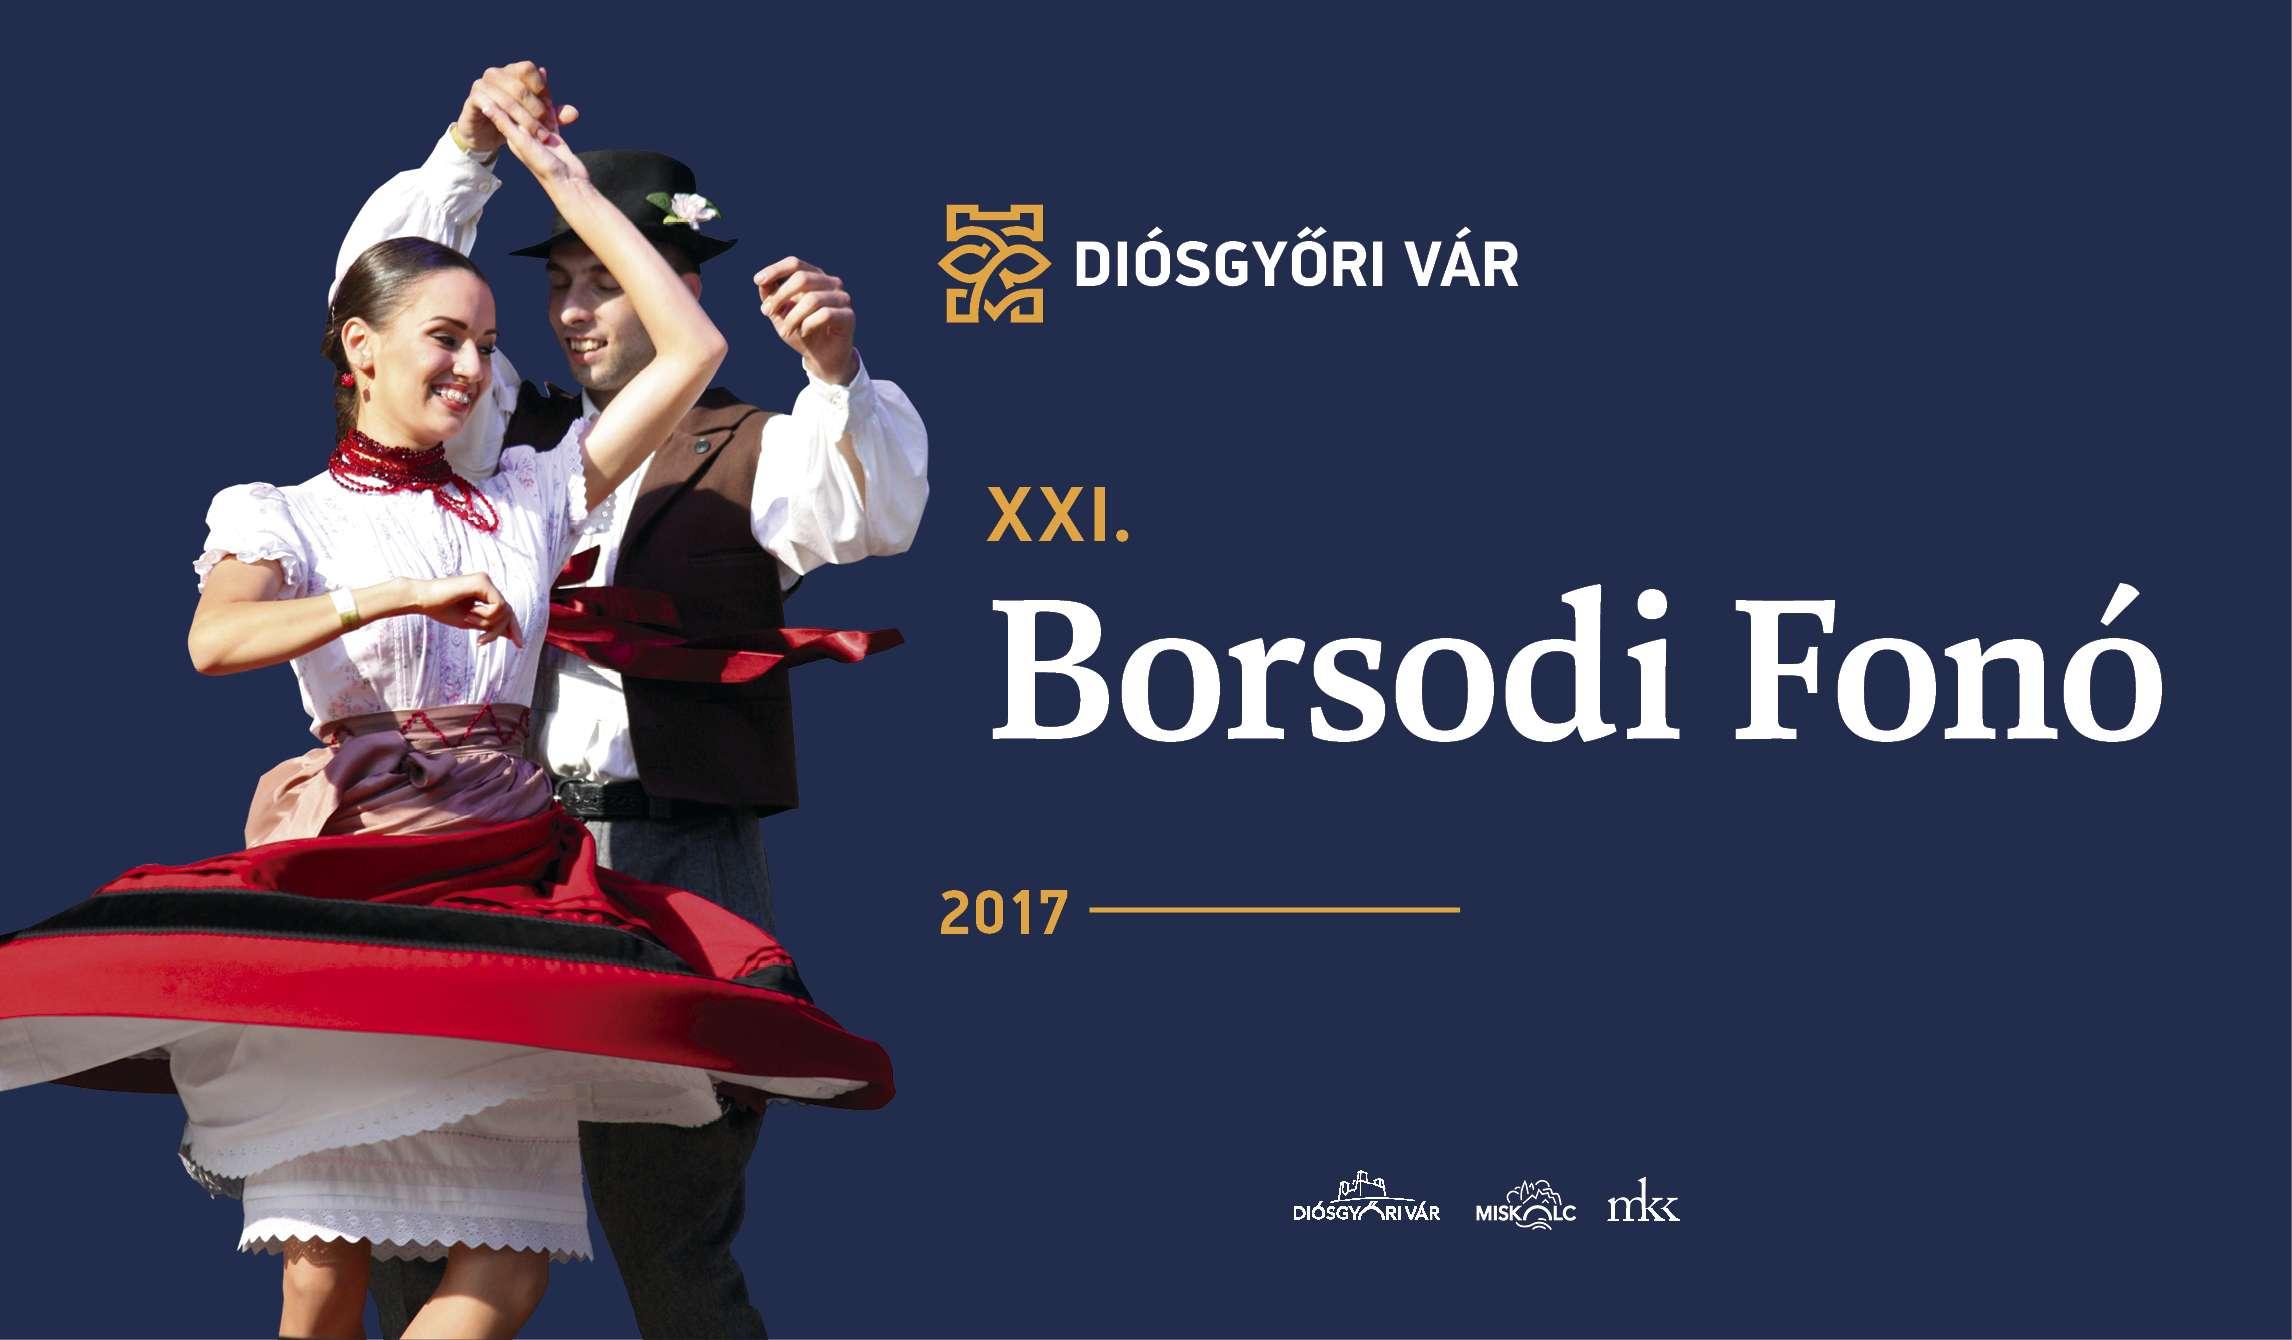 xxi-borsodi-fono-original-94387.jpg